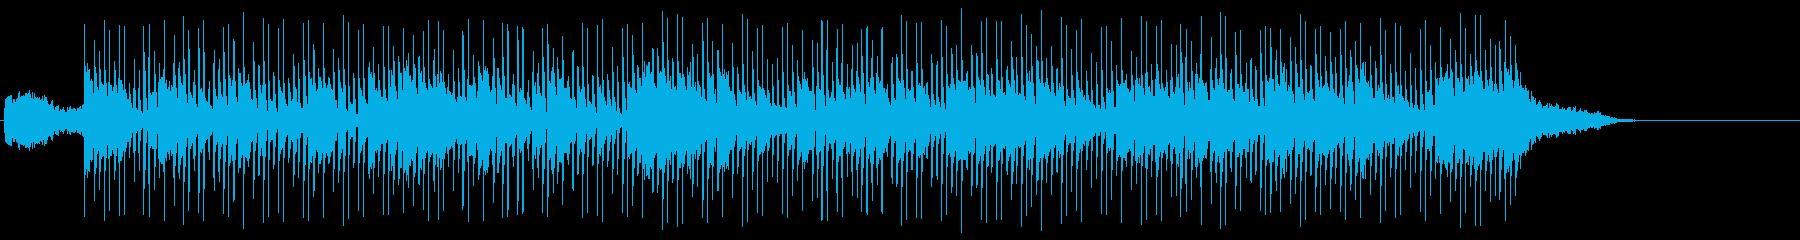 しっとりしたハイセンスなポップ/BGの再生済みの波形